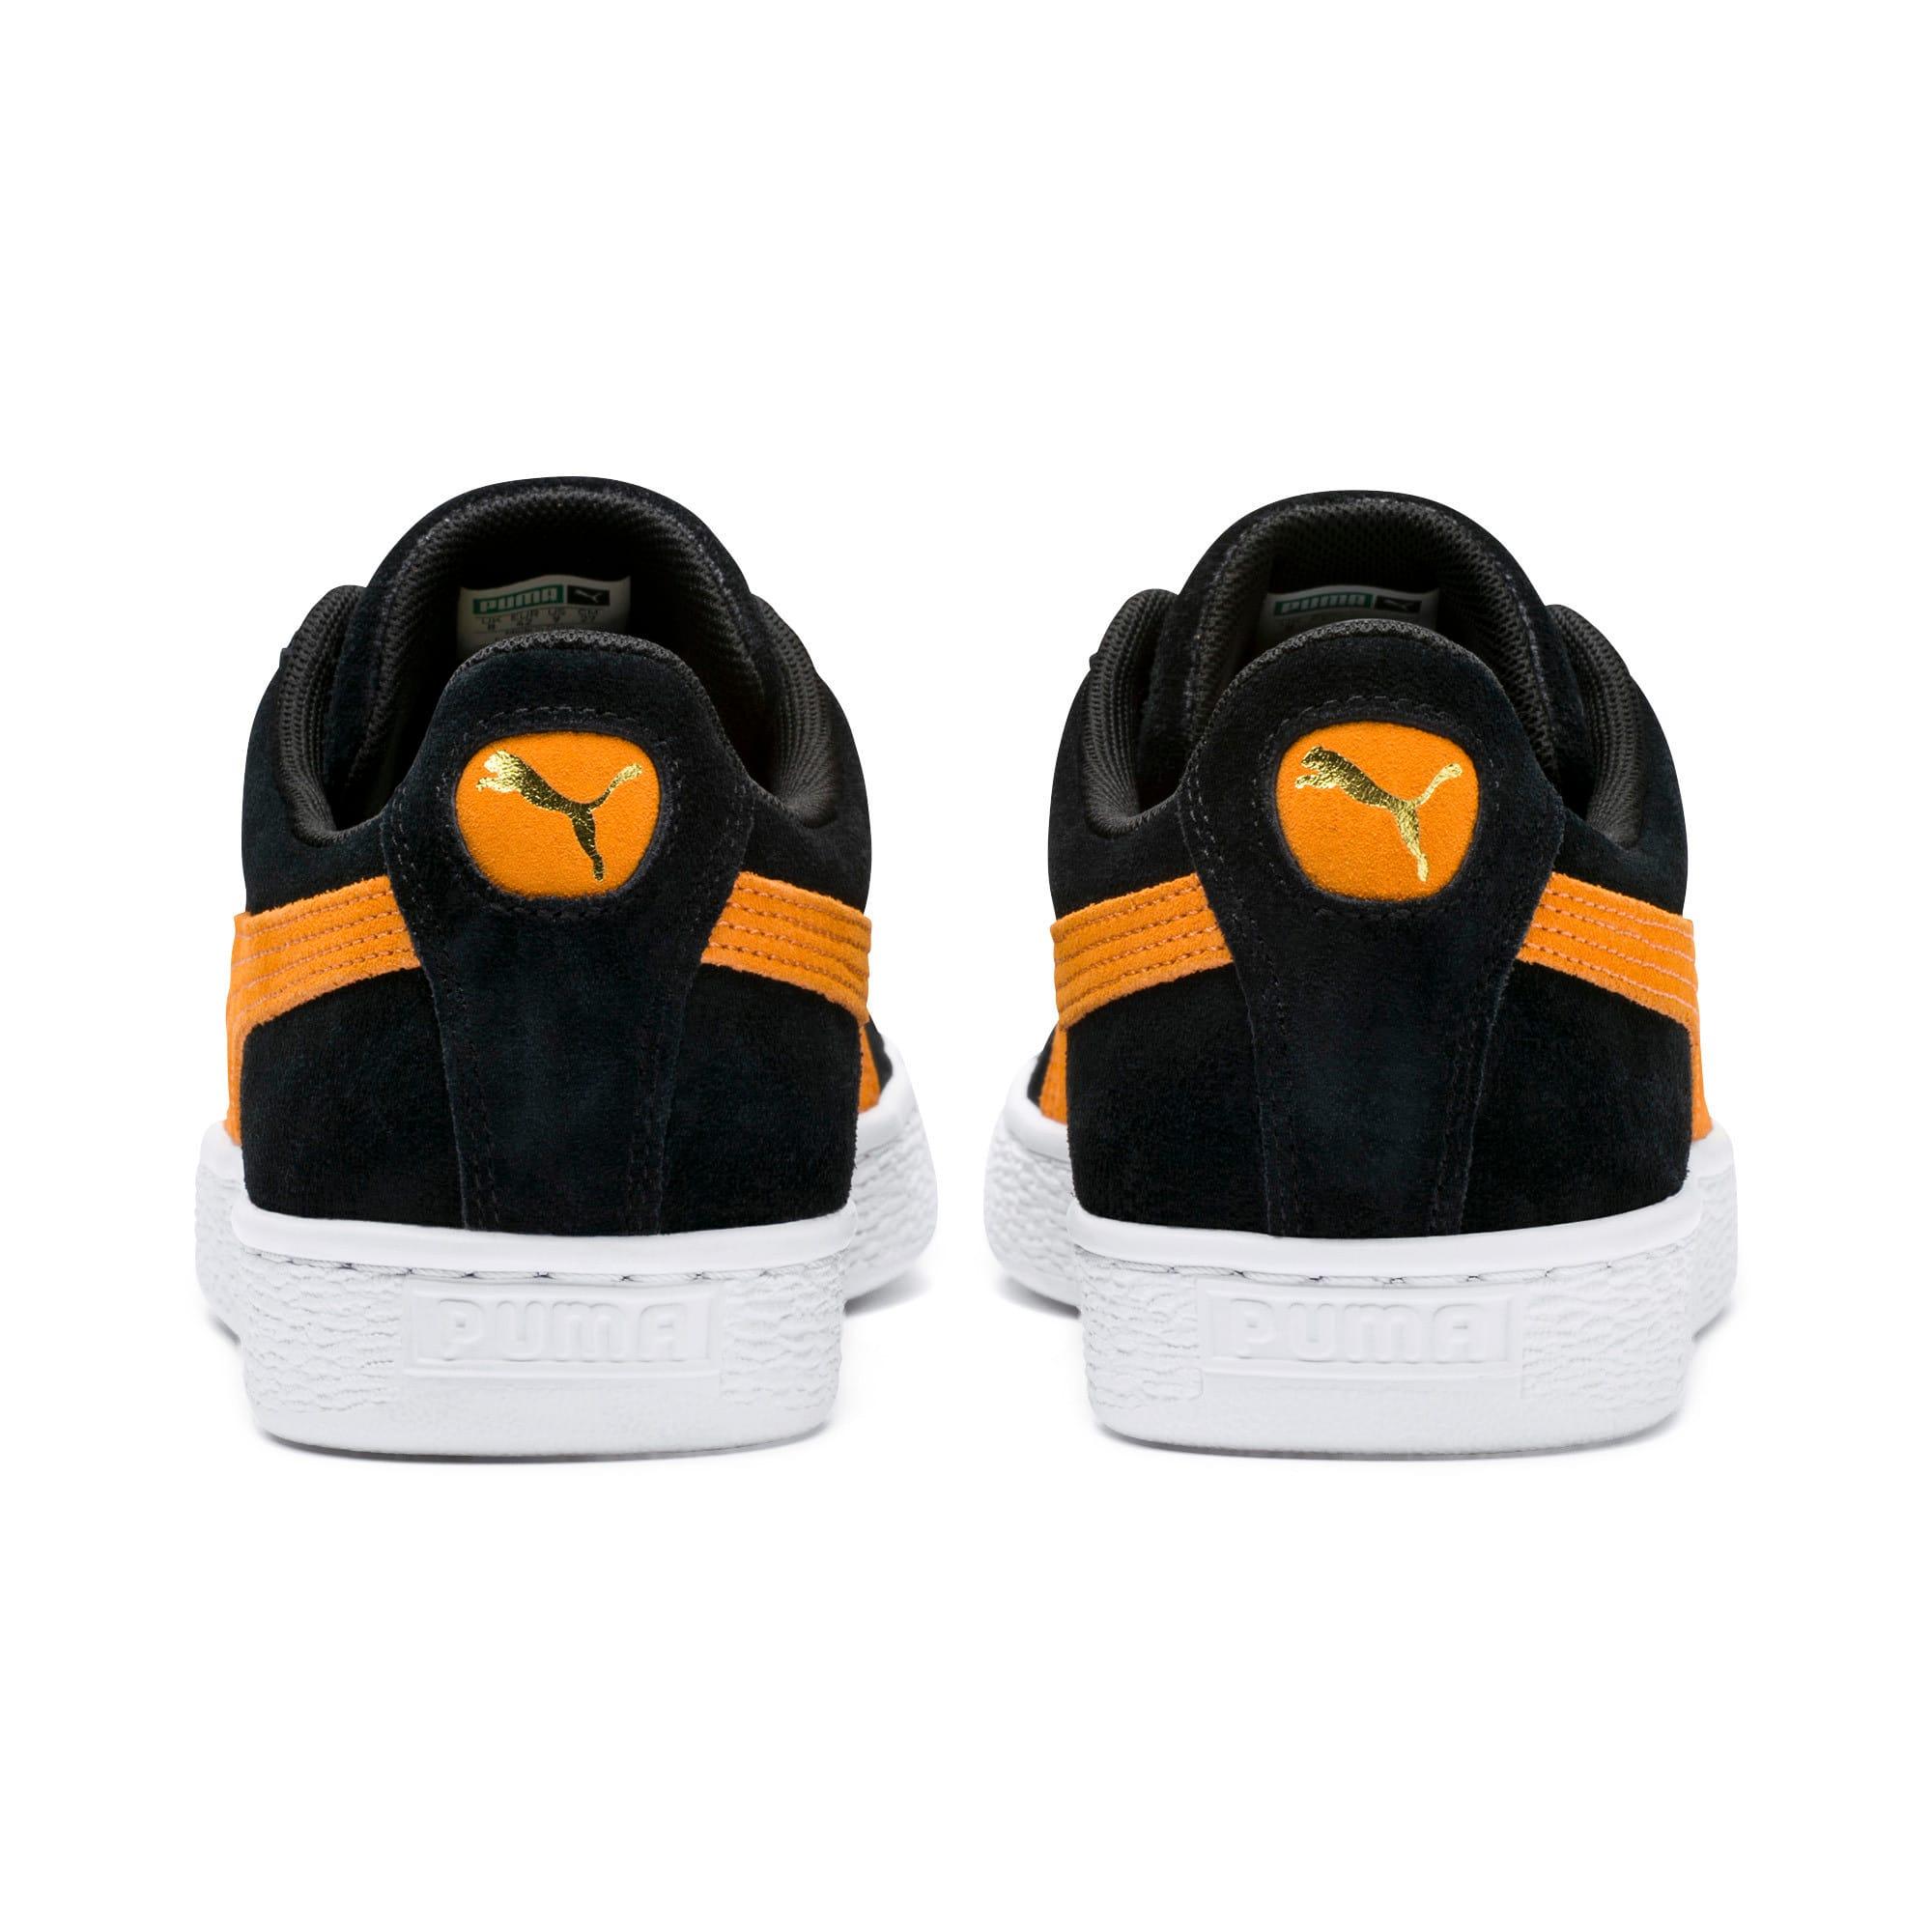 Imagen en miniatura 4 de Zapatillas Suede Classic, Puma Black-Orange Pop, mediana